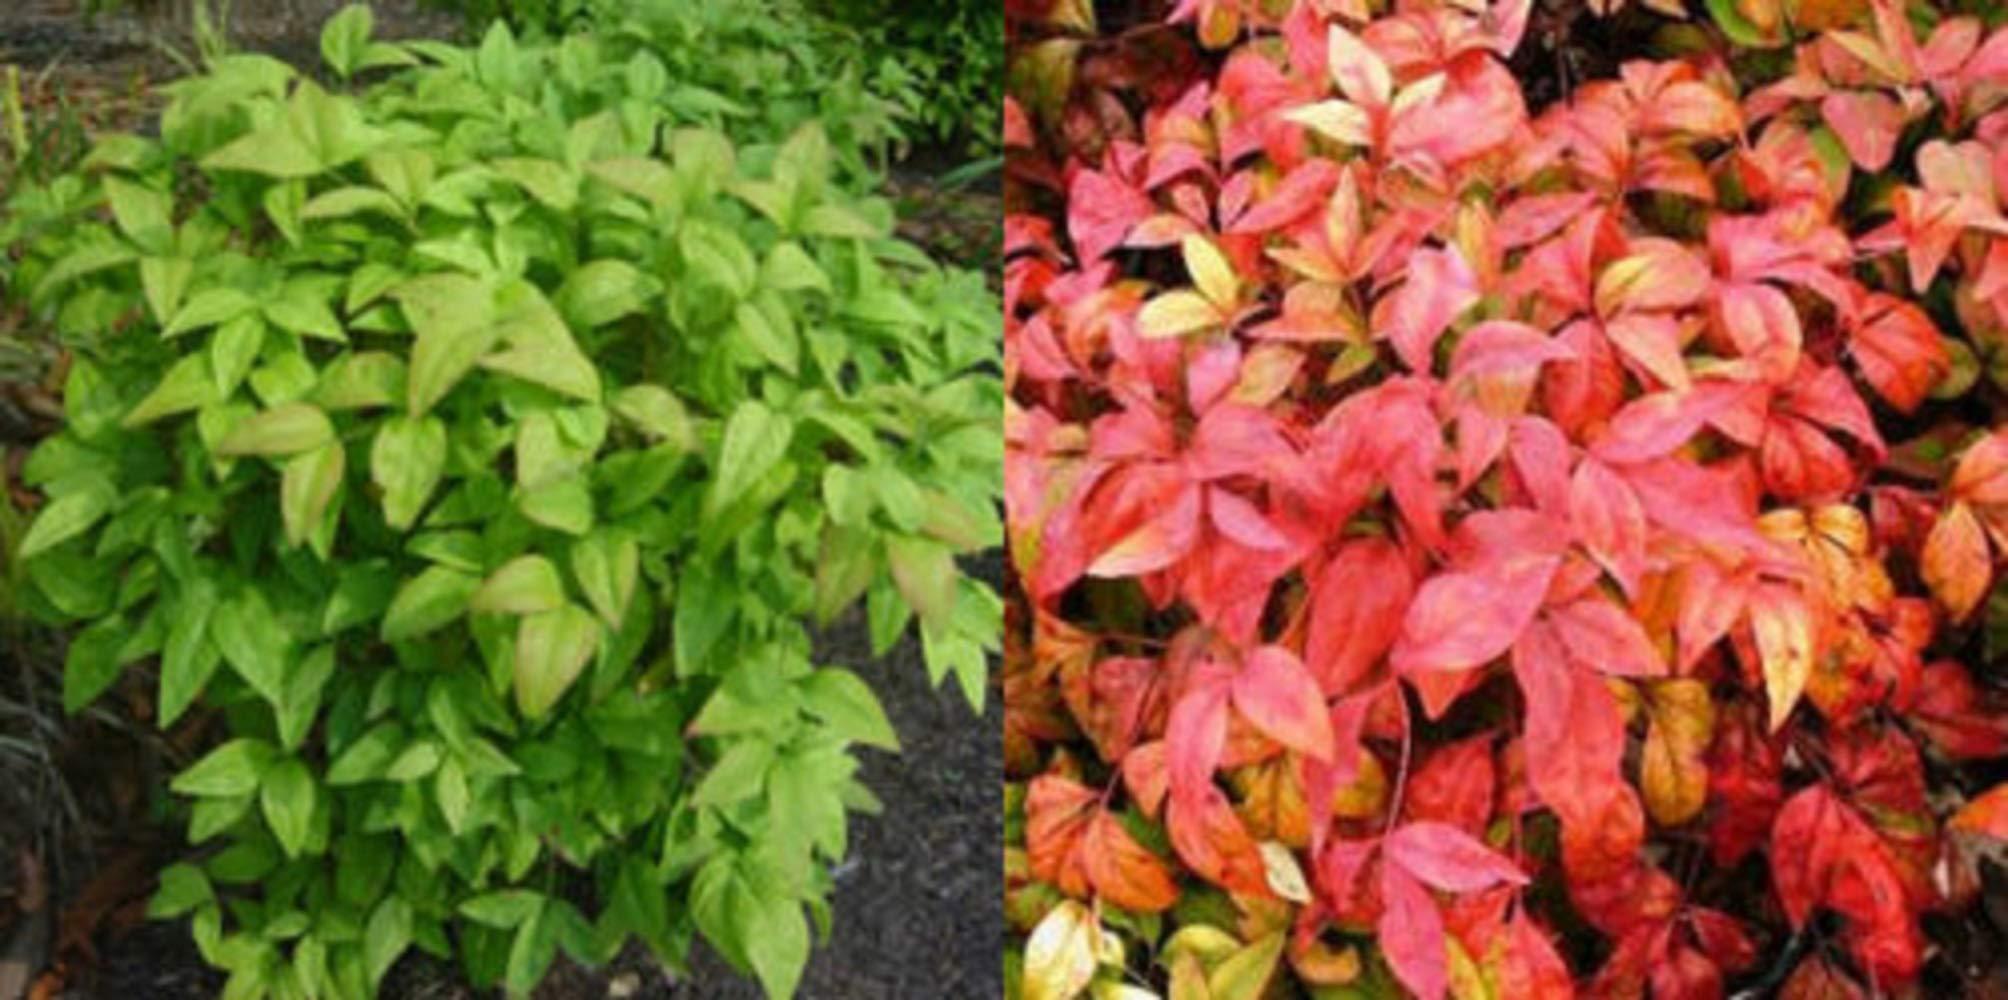 10 Plants Dwarf Nandina Firepower N1 by owzoneplant (Image #2)